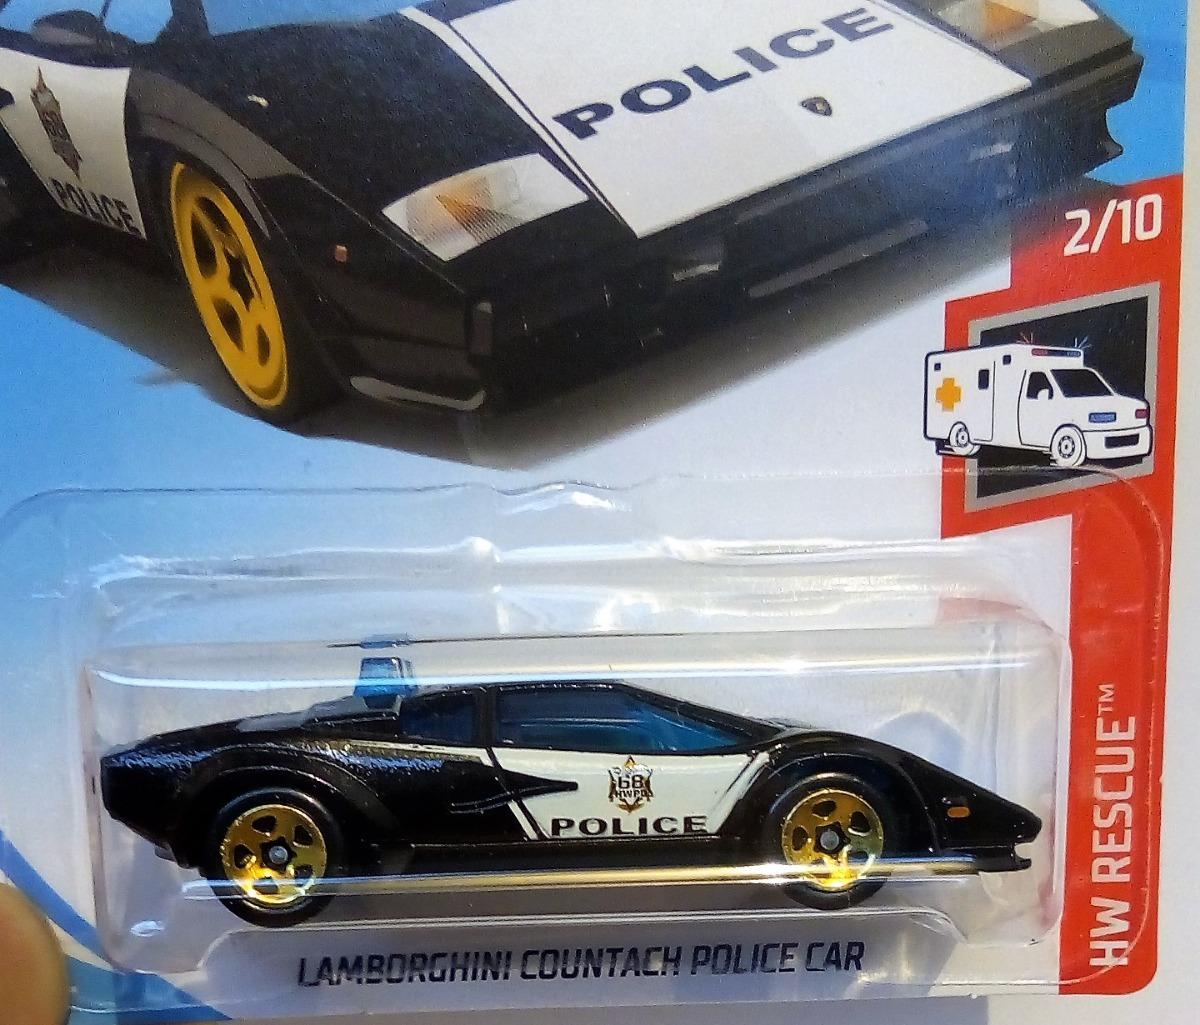 Hot Wheels Lamborghini Countach Police Car 45 00 En Mercado Libre